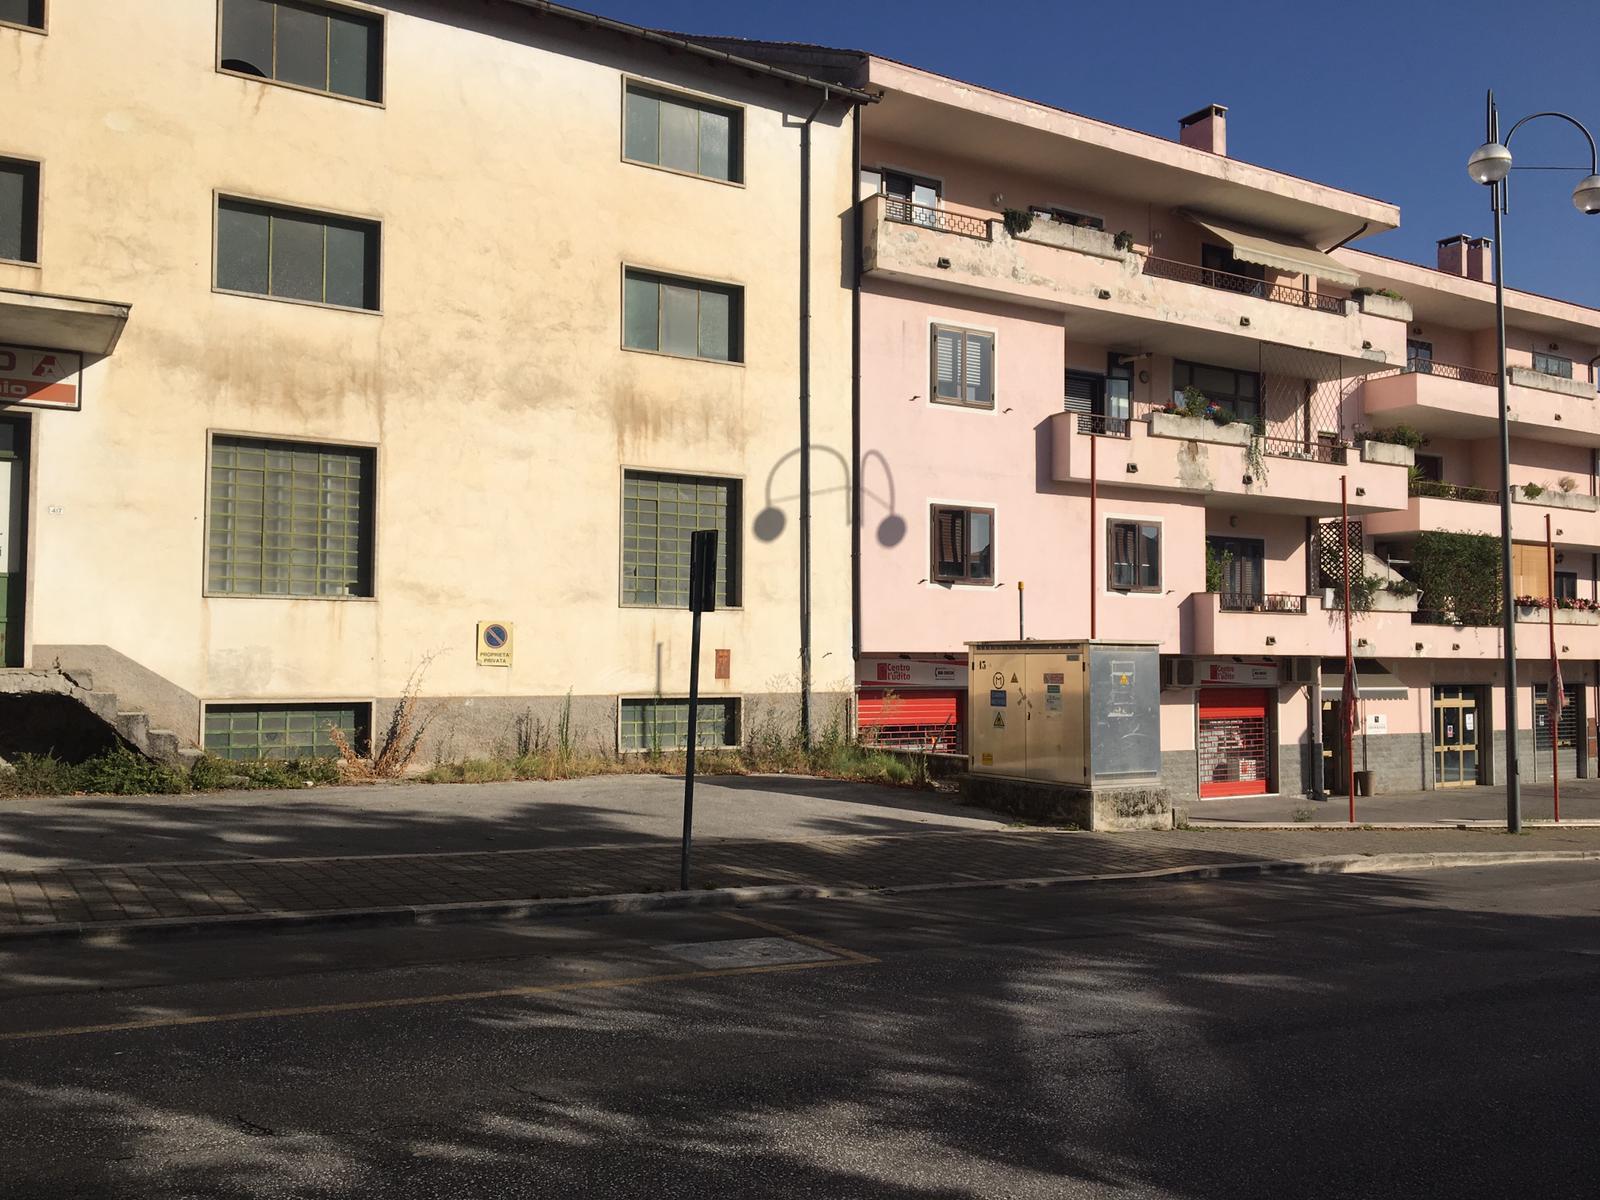 Isernia: ratti sui balconi e lungo le grondaie in zona Ponte San Leonardo. I residenti chiedono l'intervento del comune.